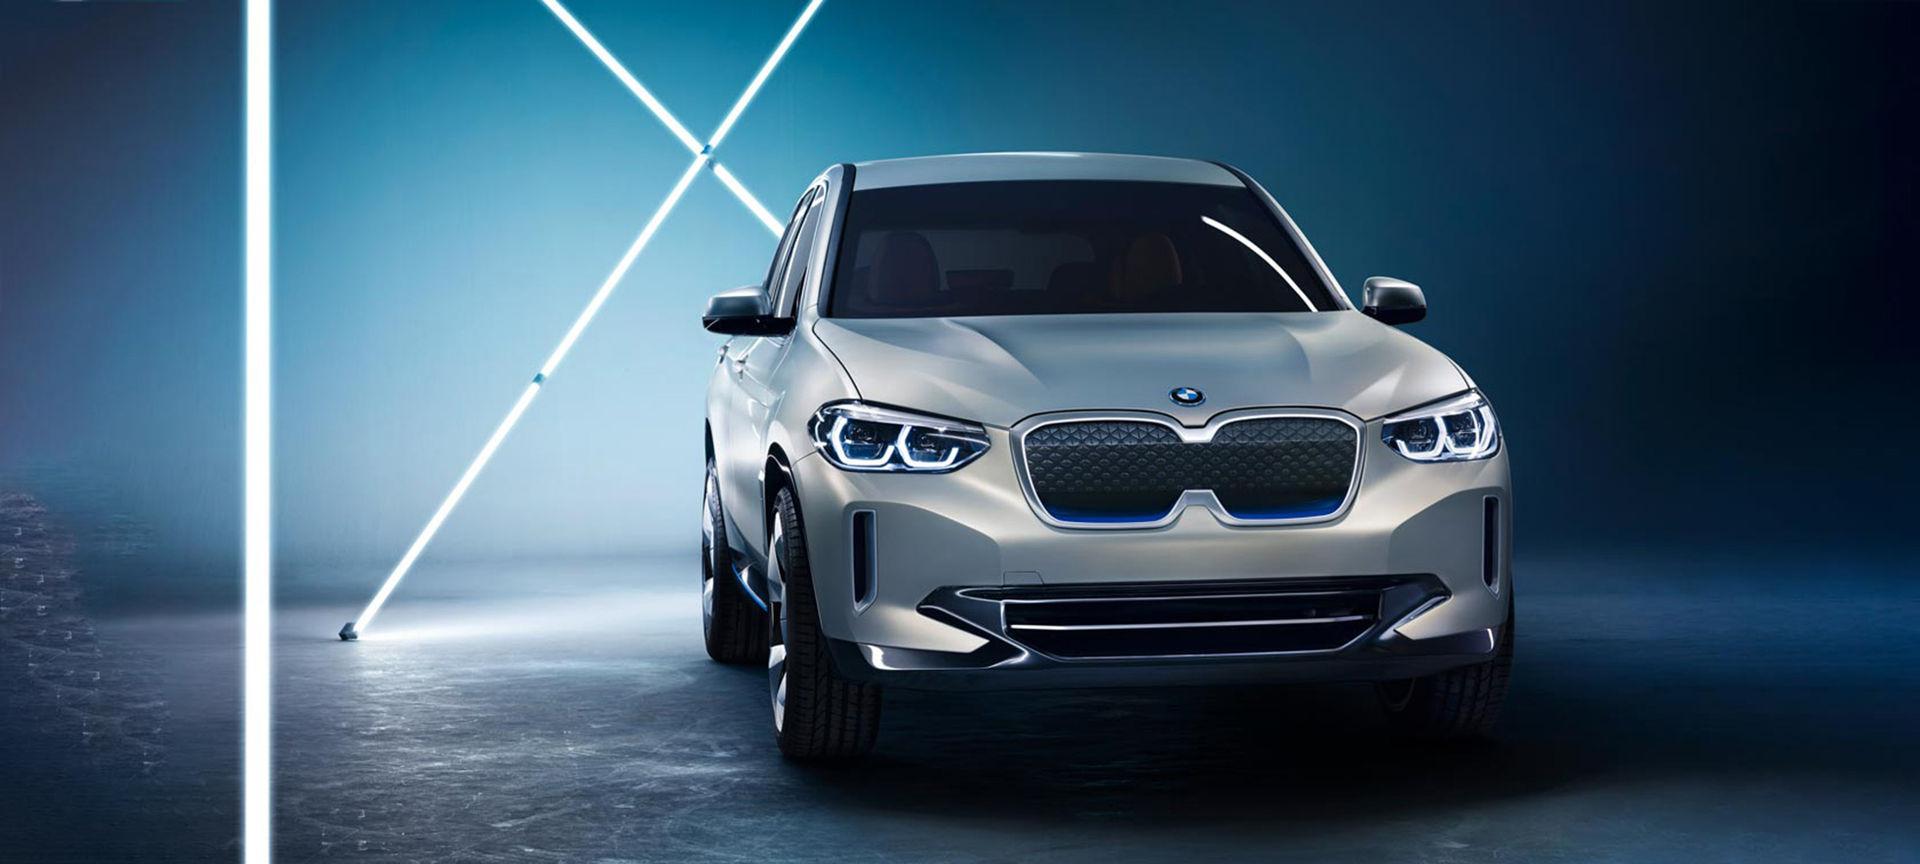 Nu går det att förhandsboka BMW:s eldrivna iX3